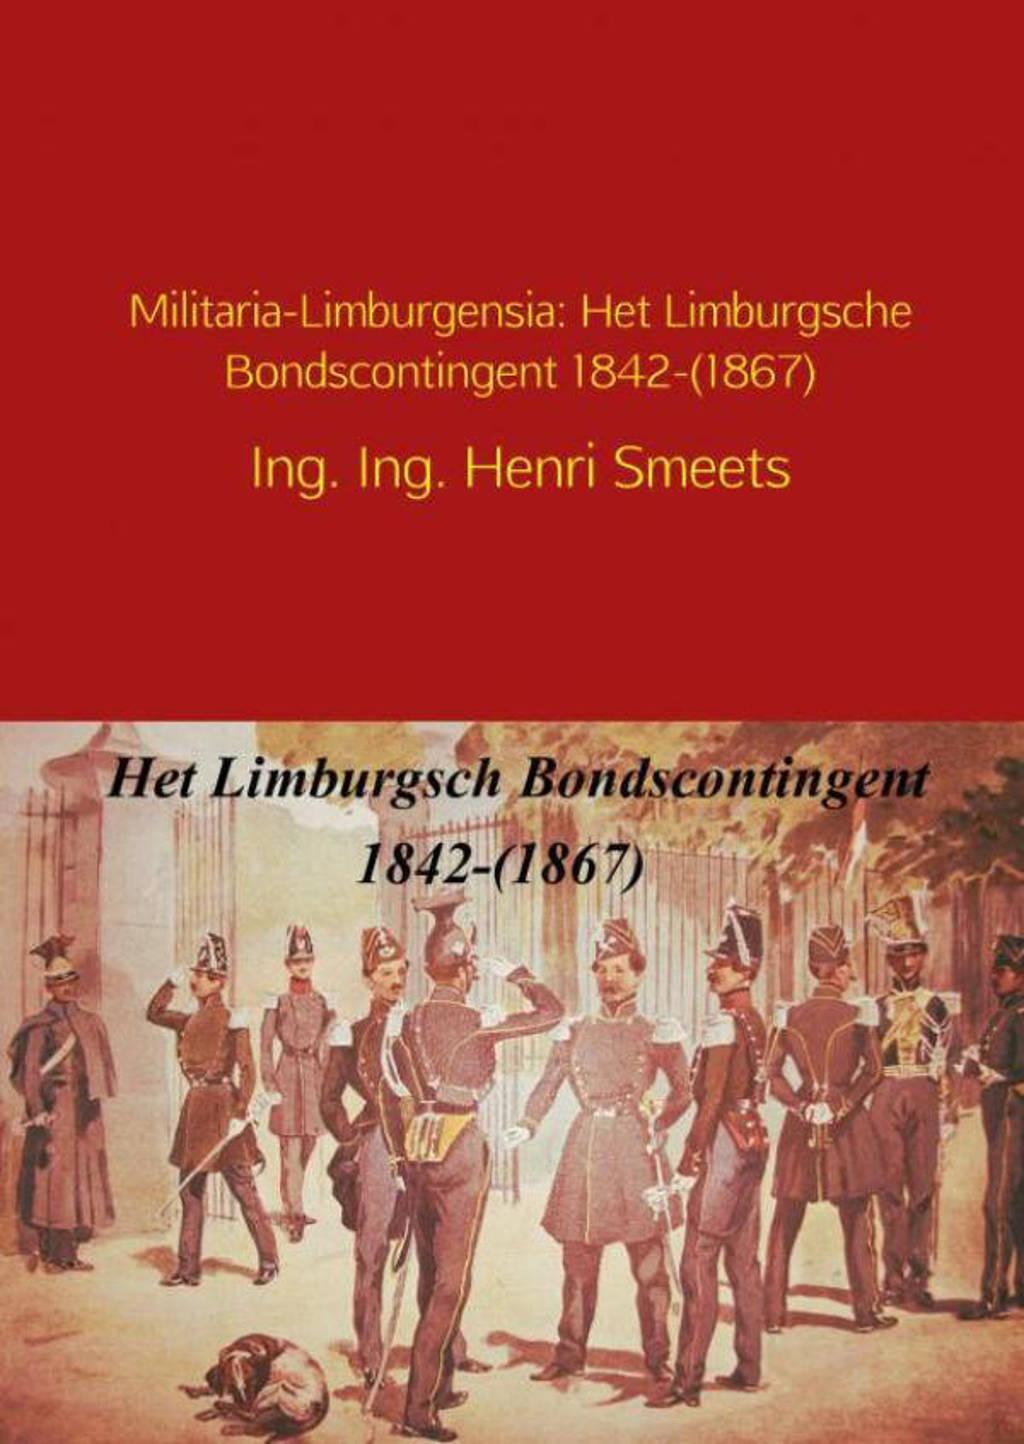 Militaria-Limburgensia - Henri Smeets